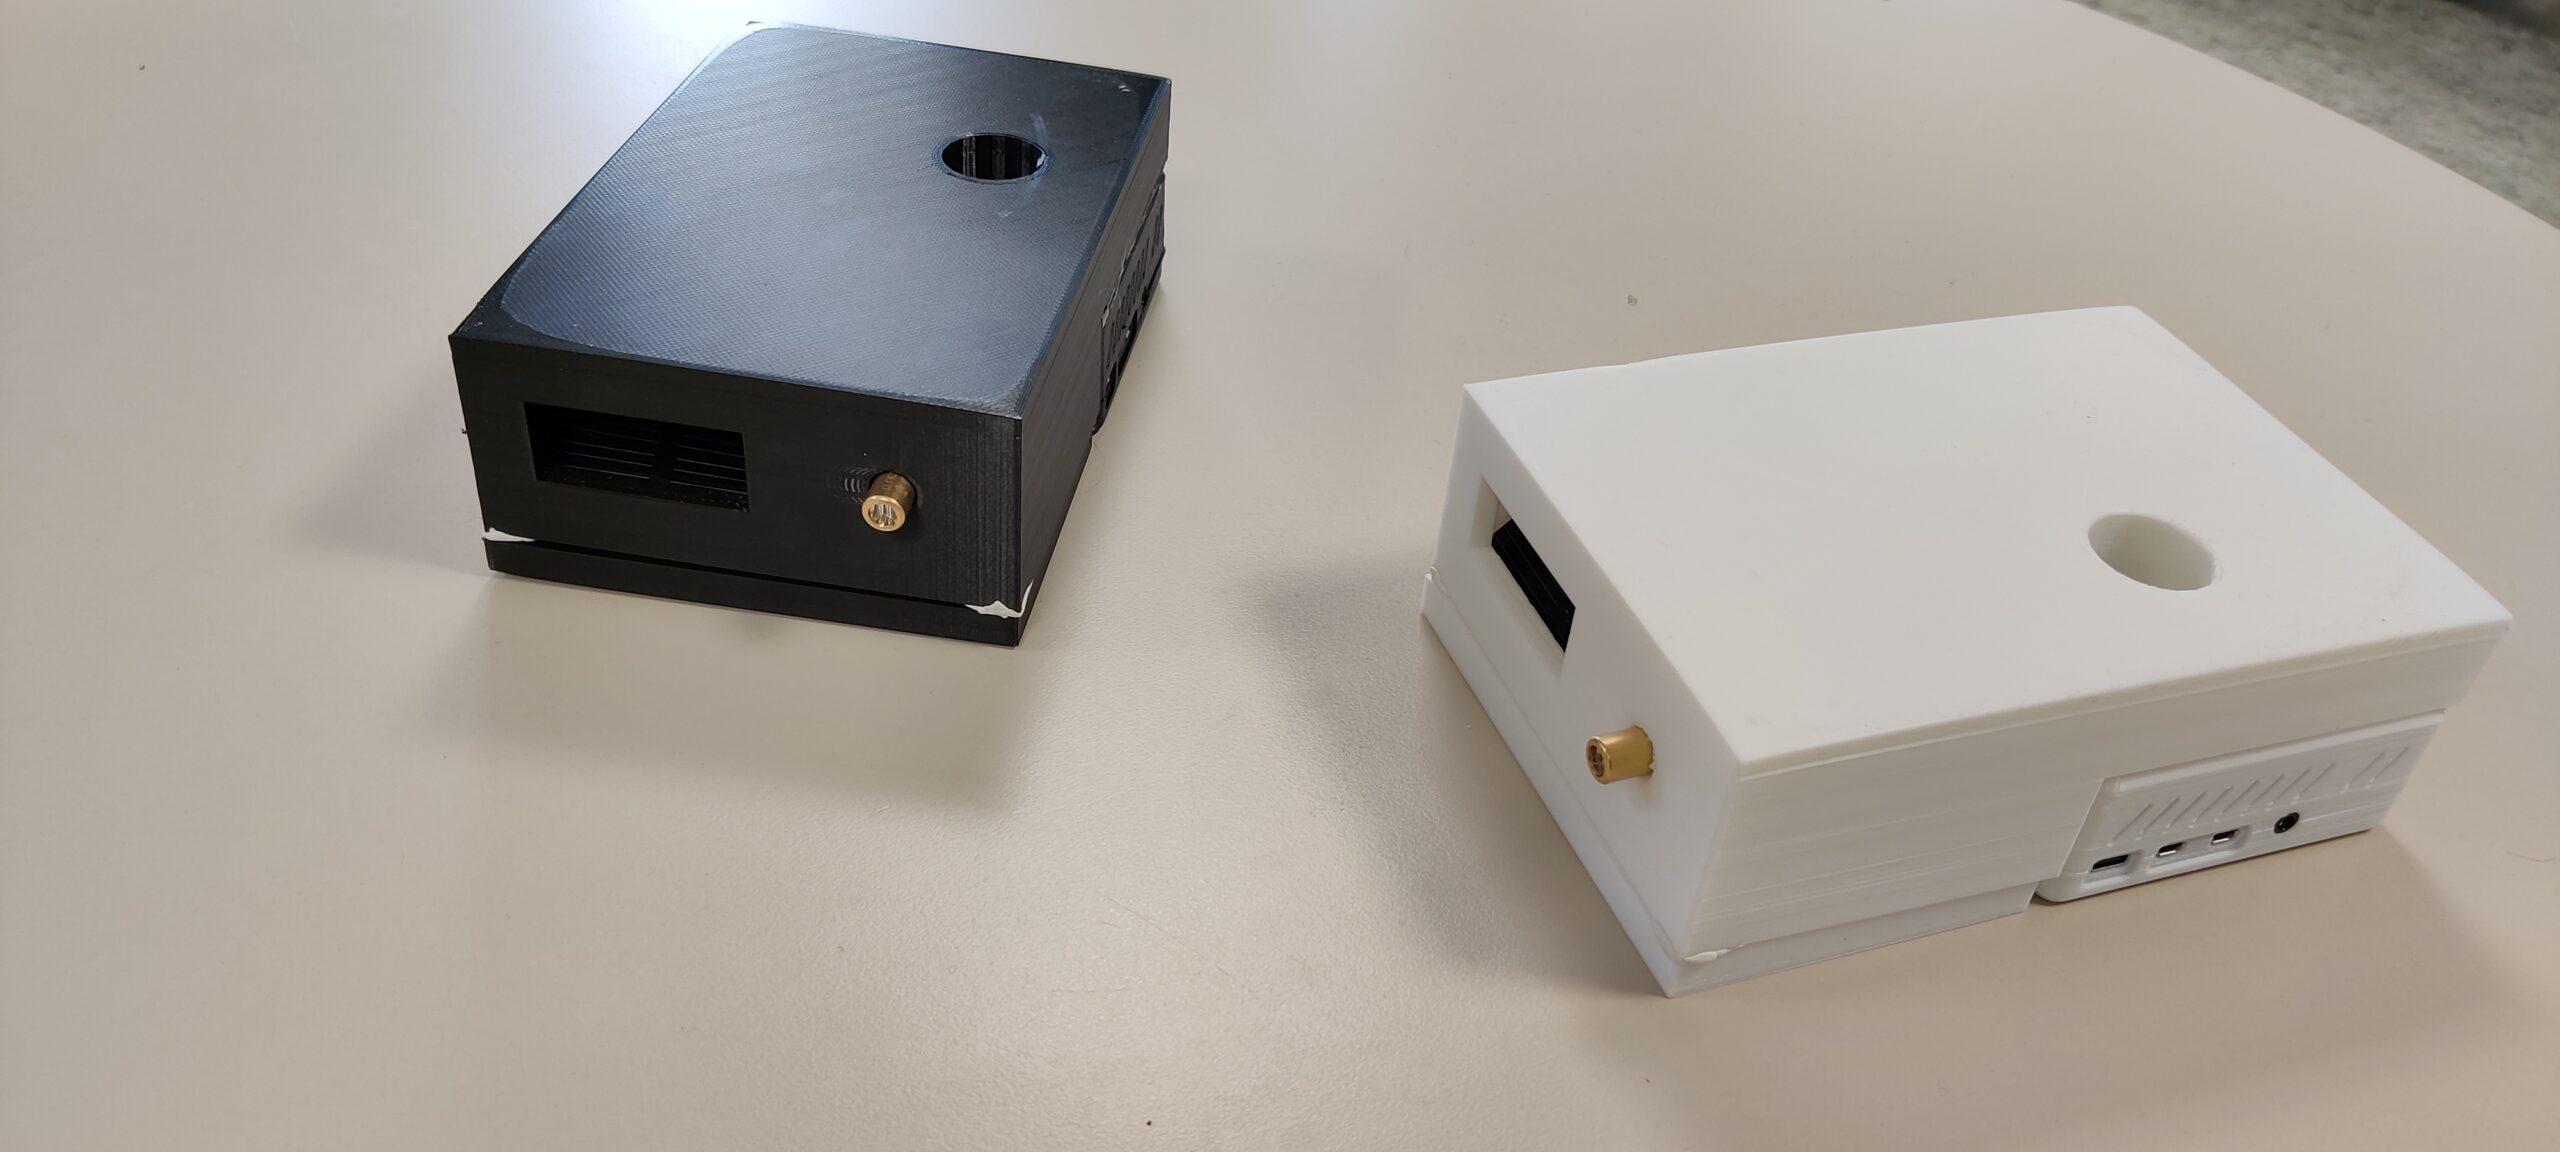 Datenübertragung per Licht Gehäuse Lifi VLC Datentransfer mittels VLC